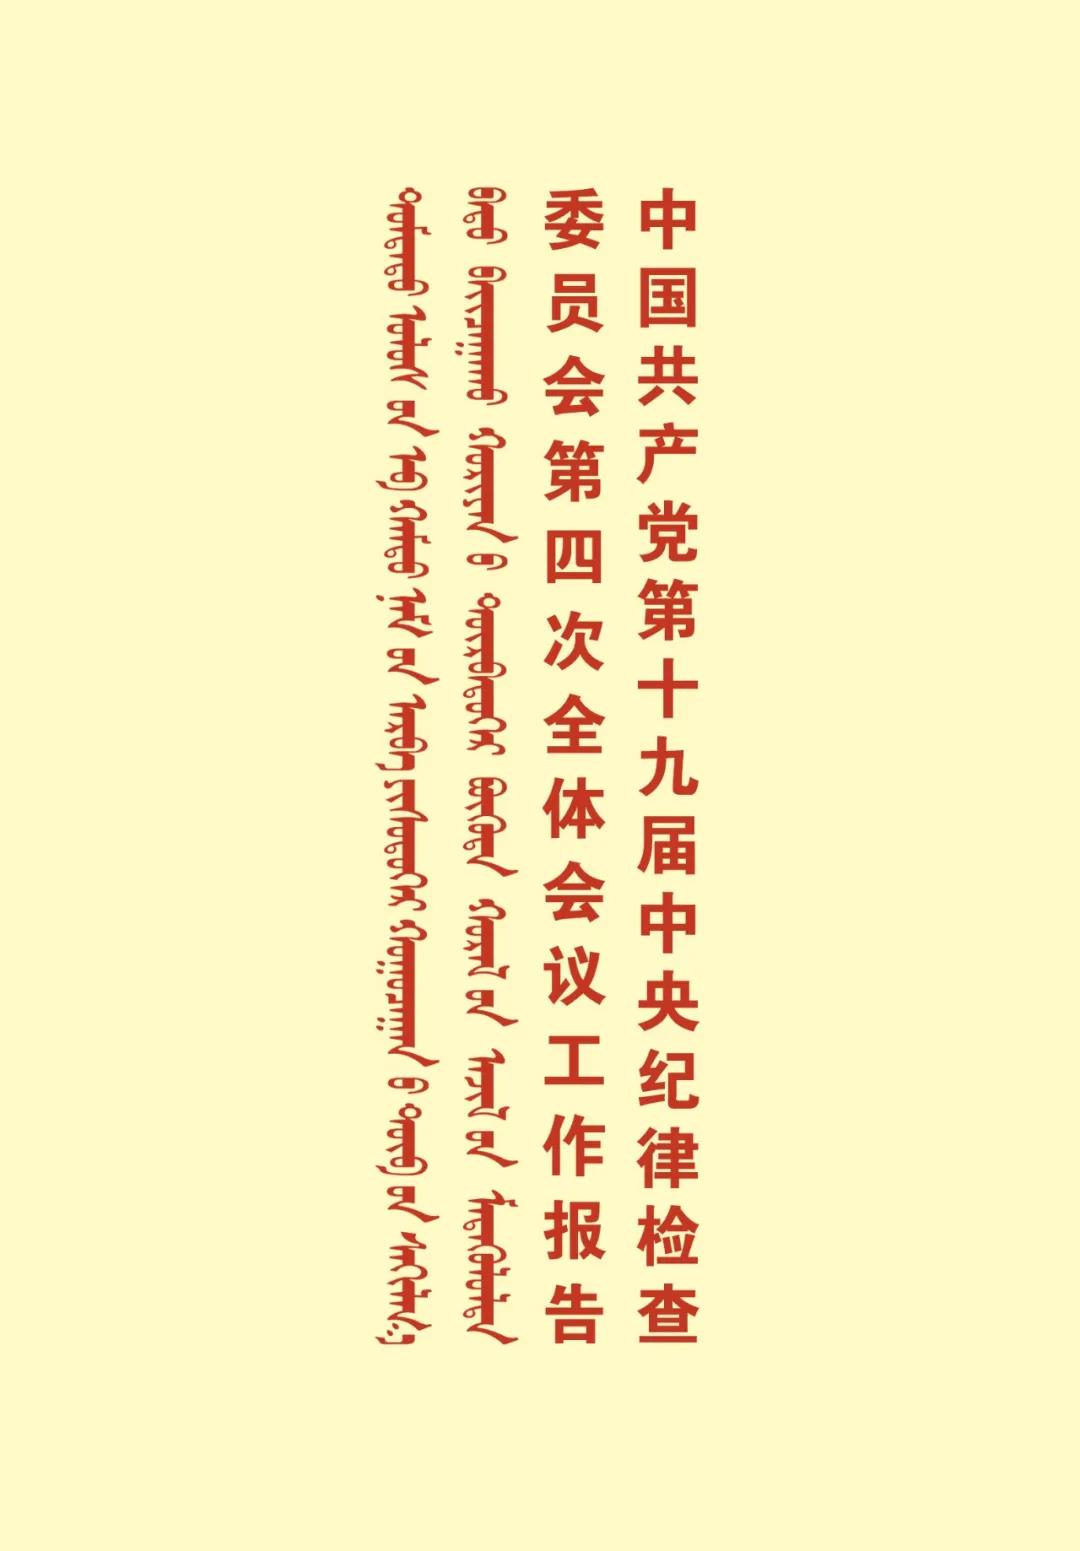 《中国共产党第十九届中央纪律检查委员会第四次全体会议工作报告》蒙汉双语电子书上线